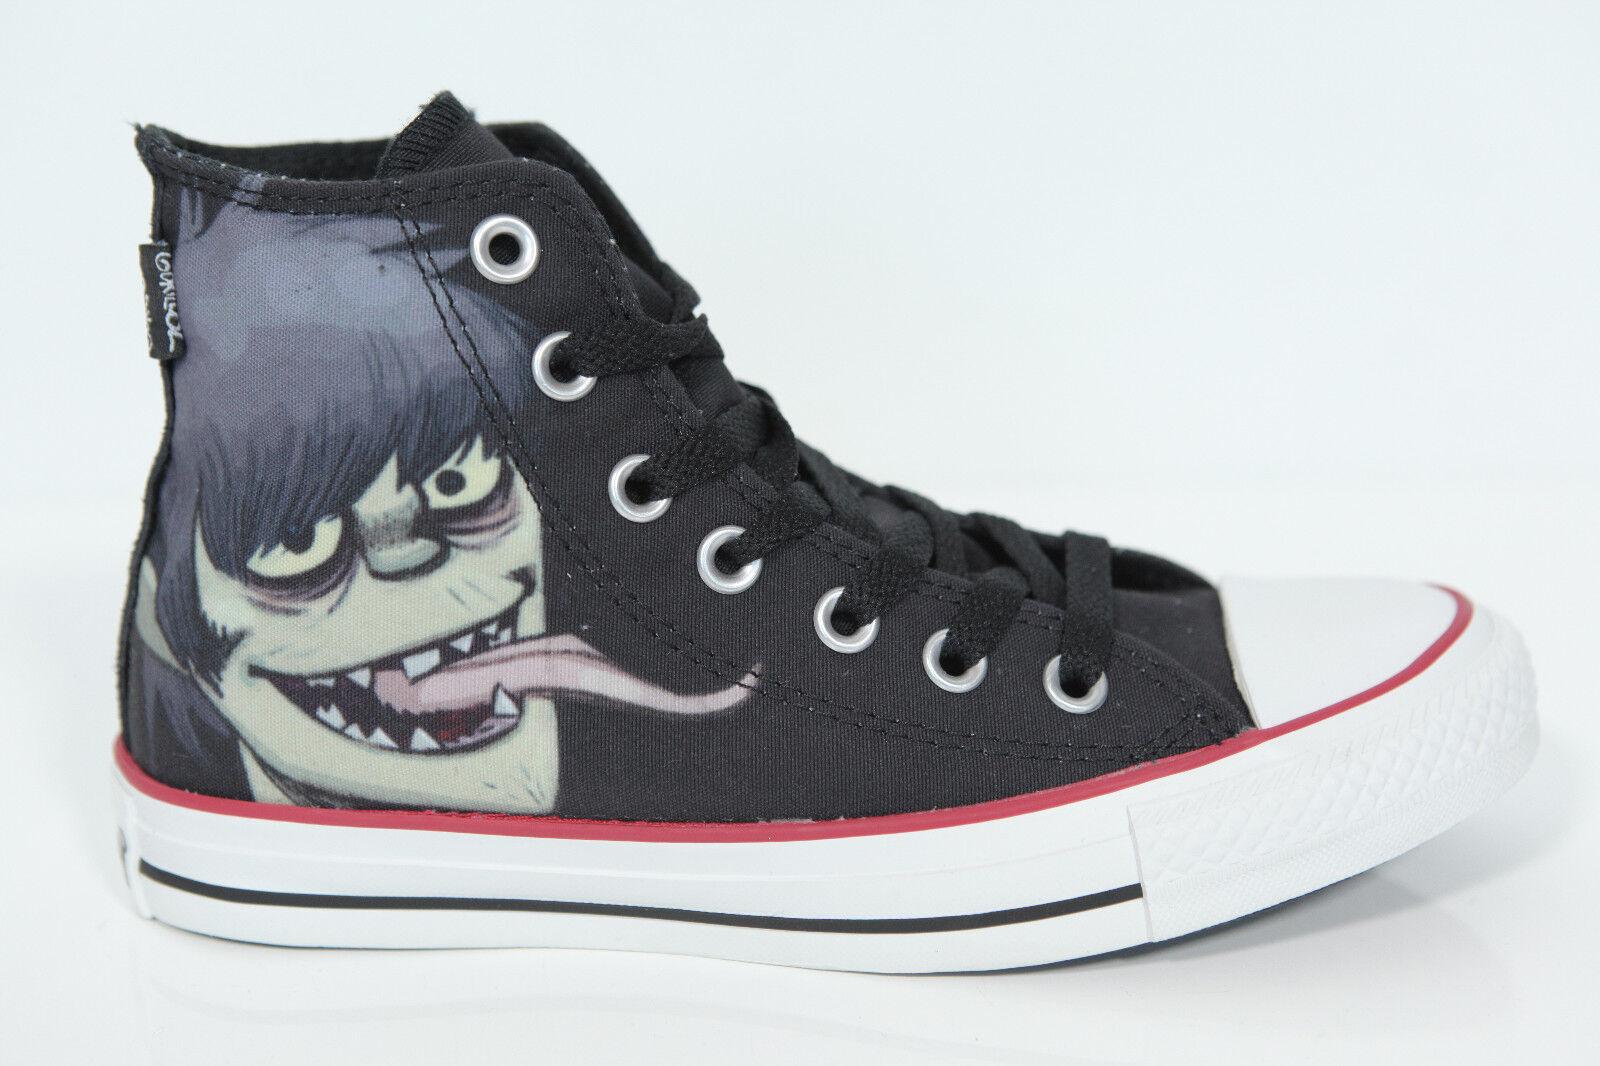 Neu All Star Gorillaz Converse Chucks Hi 132319c Gorillaz Star schwarz Sneaker UK 3 Gr.35 d21f3e